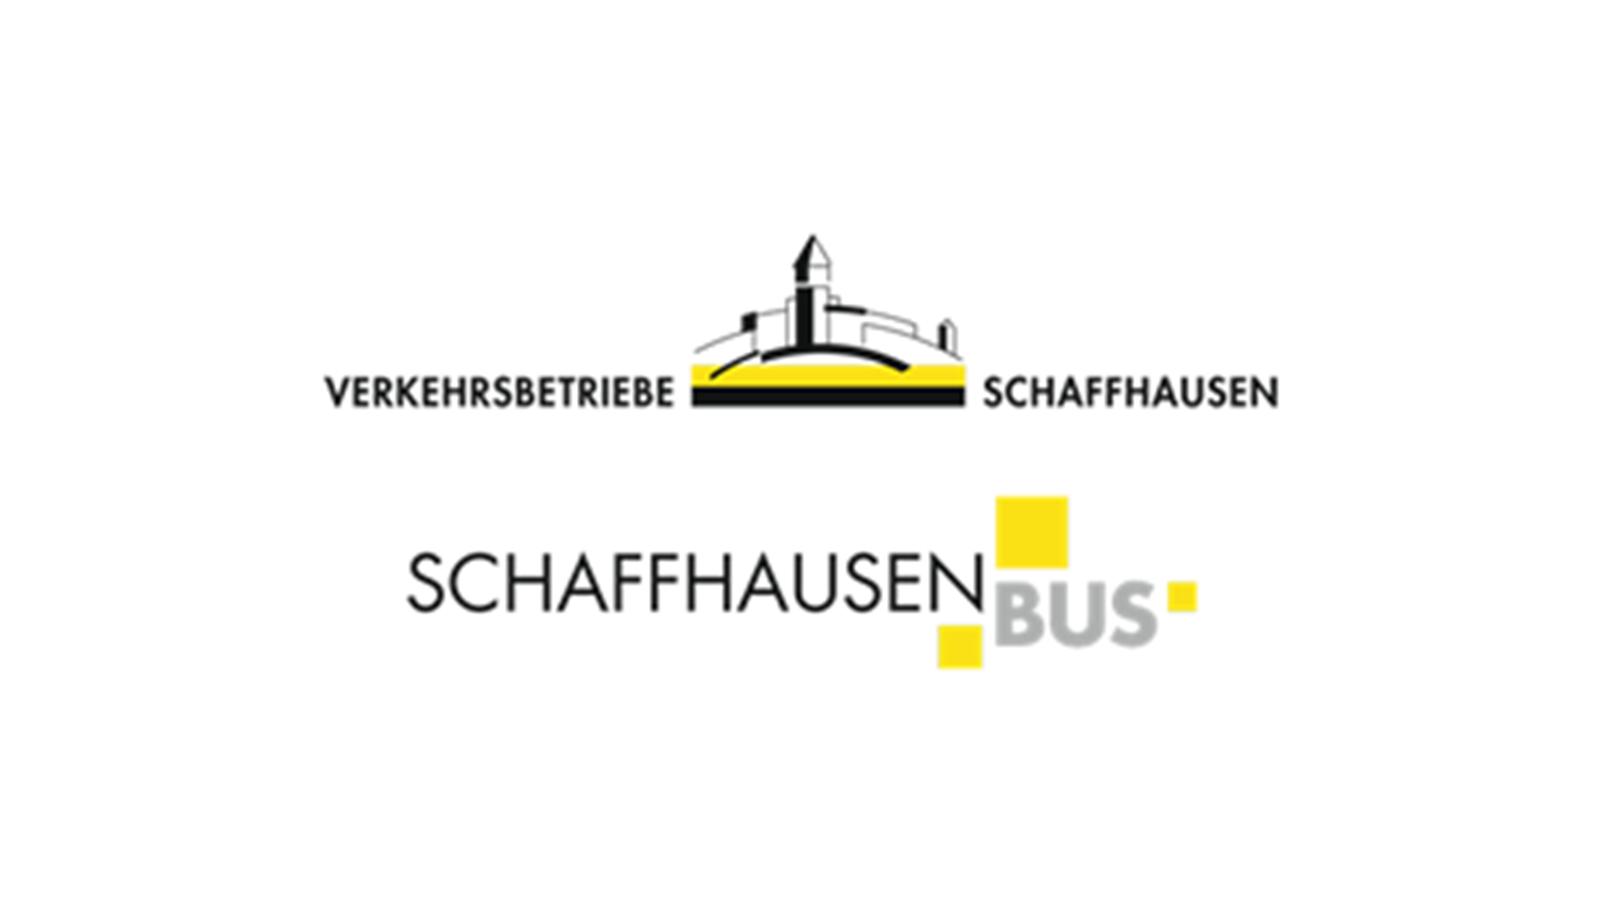 Logo Verkehrsbetriebe Schaffhausen